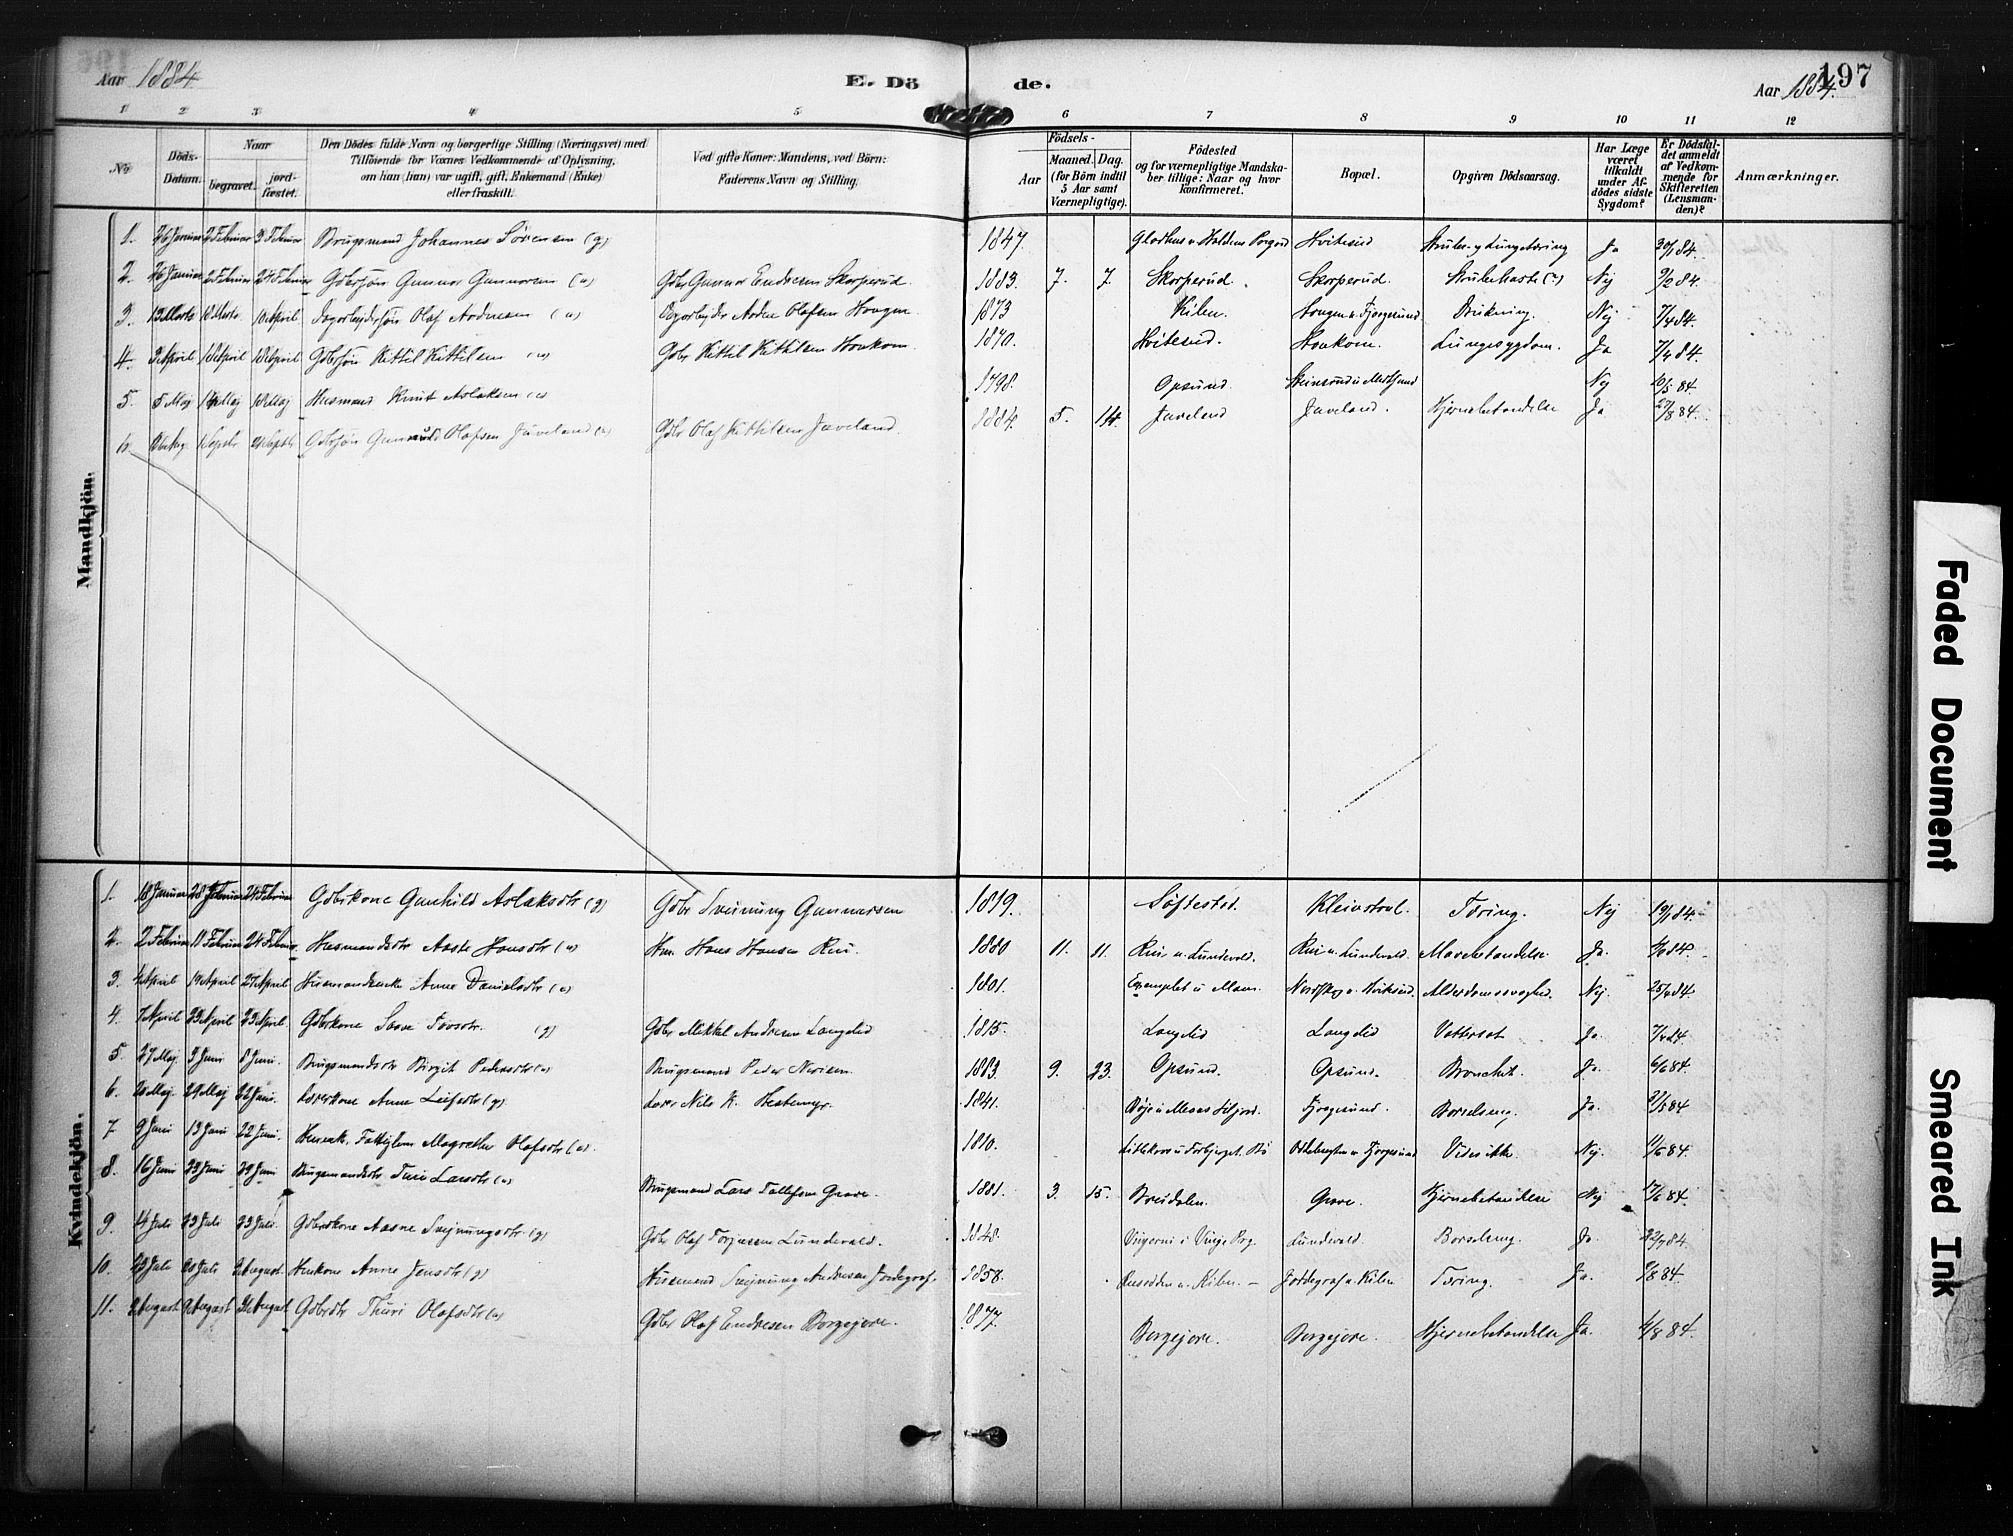 SAKO, Kviteseid kirkebøker, F/Fa/L0008: Ministerialbok nr. I 8, 1882-1903, s. 197